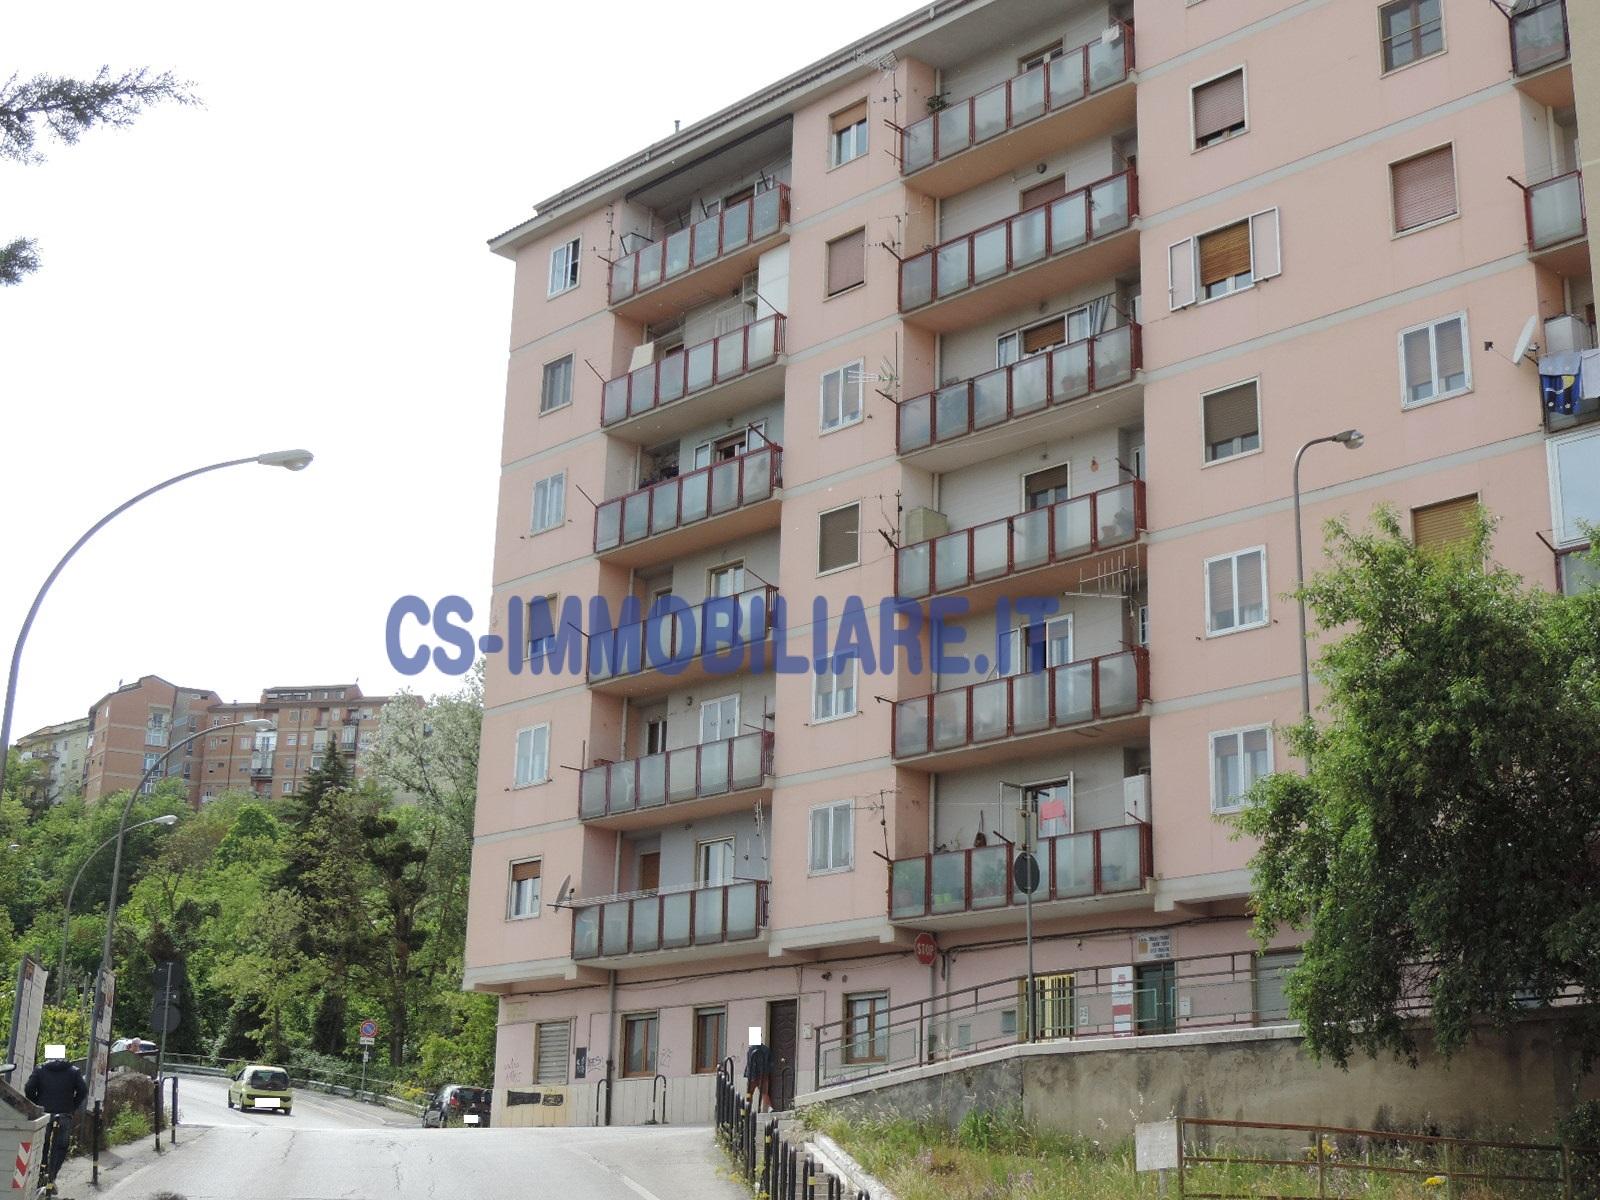 Appartamento in vendita a Potenza, 5 locali, zona Località: RioneLucania, prezzo € 140.000 | Cambio Casa.it